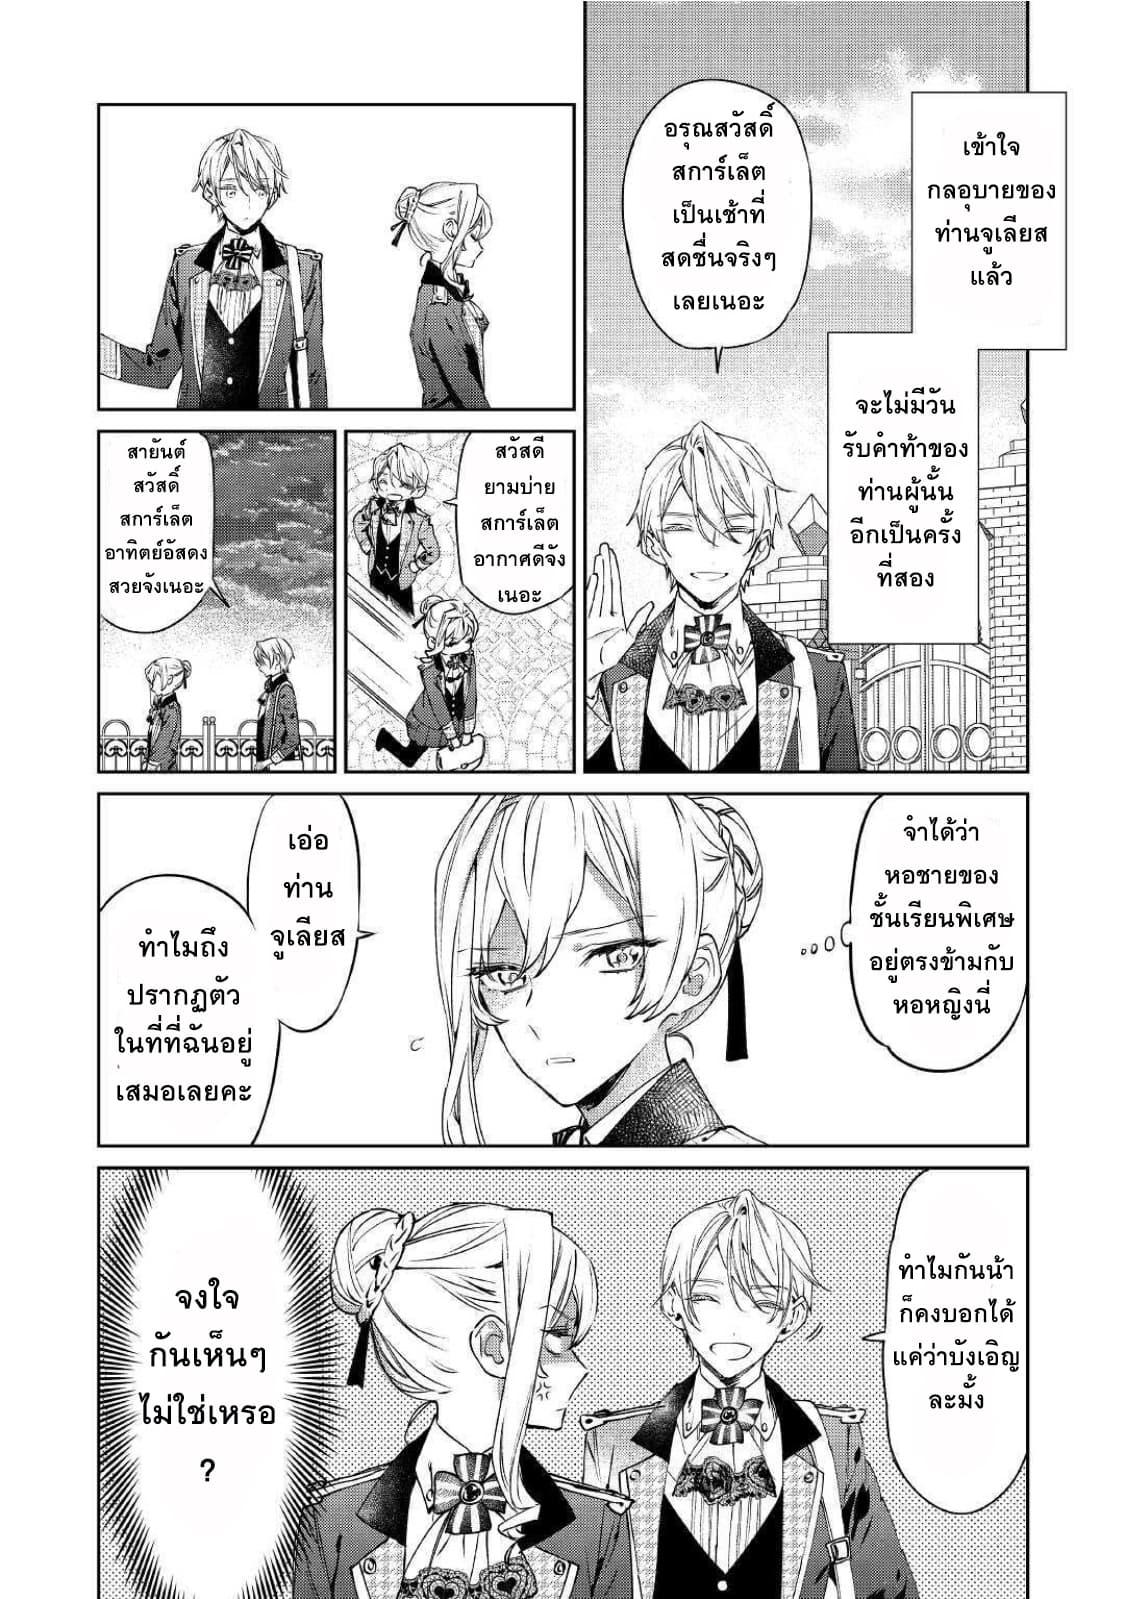 อ่านการ์ตูน Saigo ni Hitotsu Dake Onengai Shitemo Yoroshii Deshouka ตอนที่ 3 หน้าที่ 15